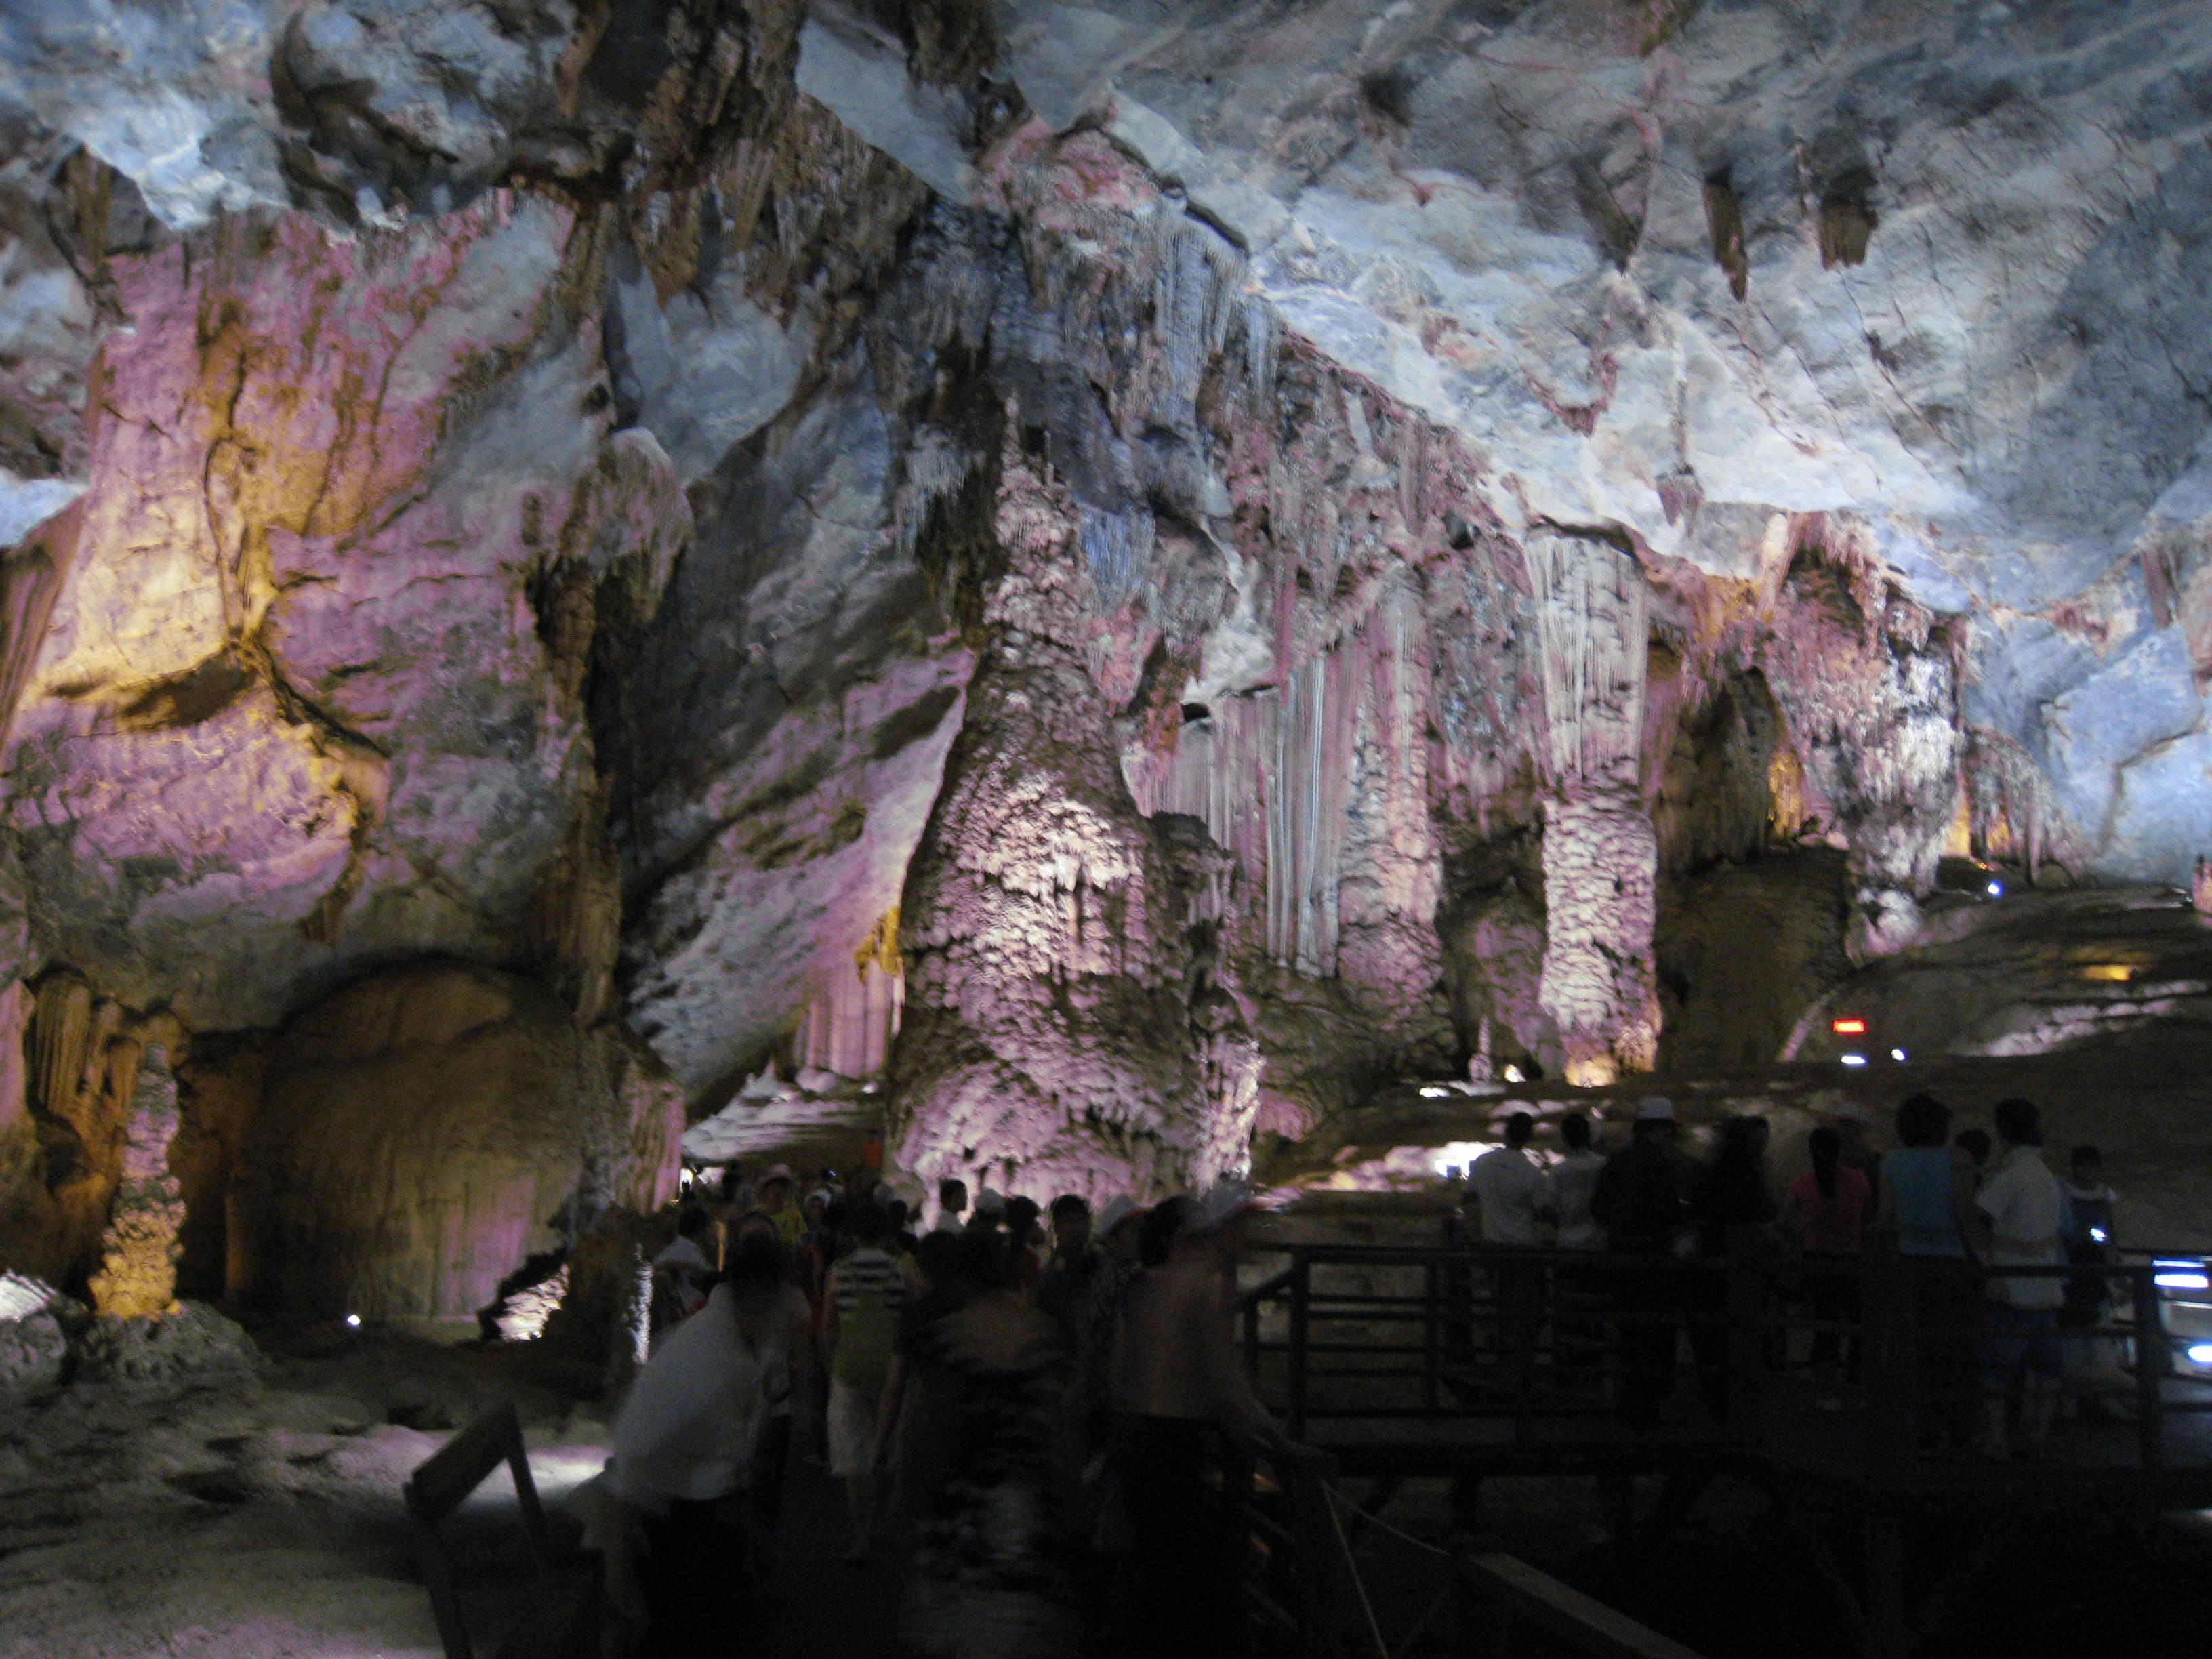 ... 渓谷 の 文化的 景観 と 古代